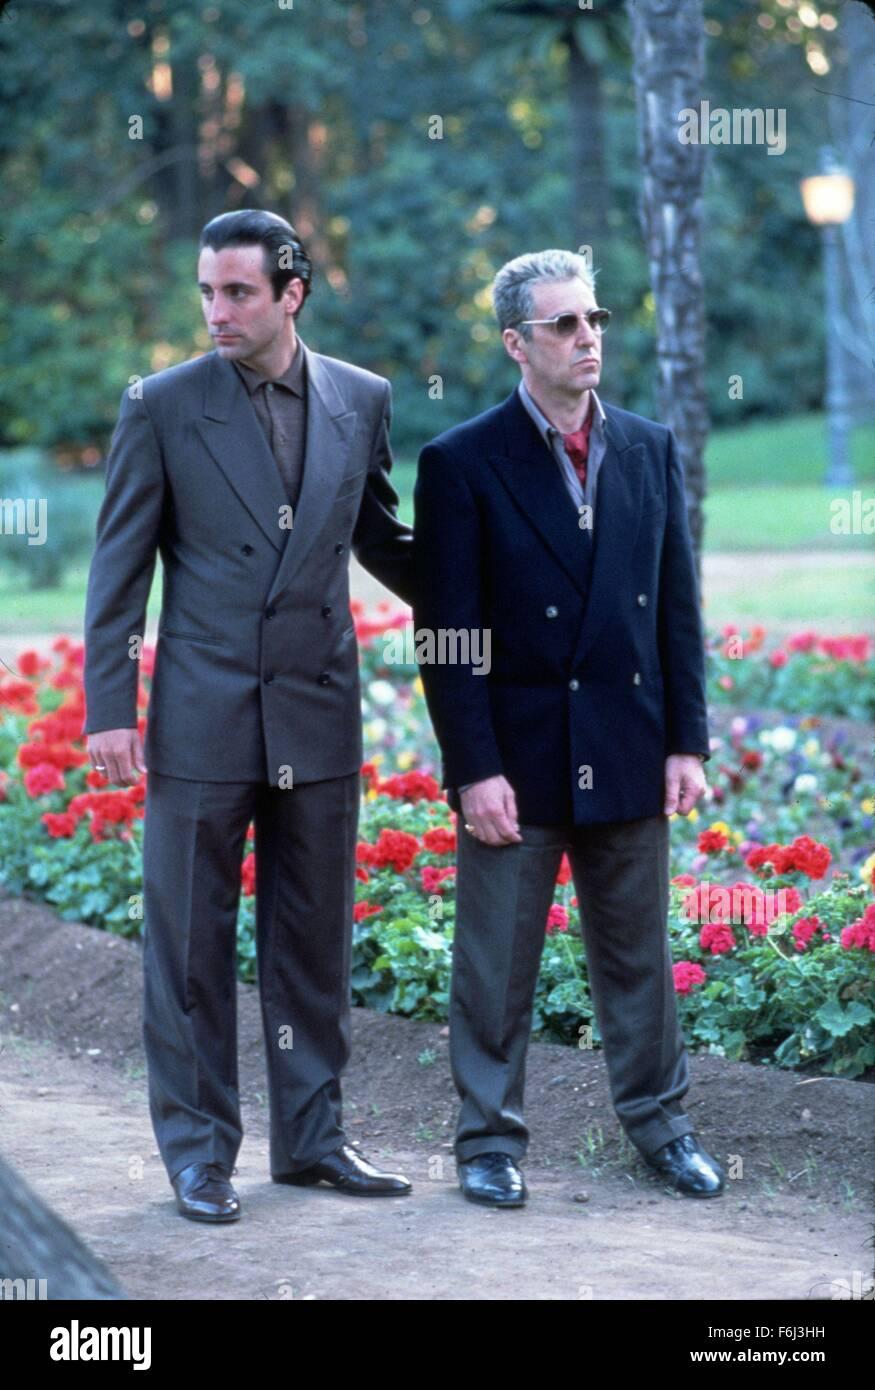 ¿Cuánto mide Andy García? - Real height Fecha-de-lanzamiento-25-de-diciembre-de-1990-titulo-de-la-pelicula-el-padrino-parte-iii-estudio-paramount-pictures-director-francis-ford-coppola-parcela-en-medio-de-tratar-de-legitimar-sus-negocios-en-1979-nueva-york-e-italia-el-envejecimiento-de-la-mafia-don-michael-corleone-busca-voto-por-sus-pecados-mientras-toma-un-joven-prot-g-bajo-su-ala-foto-al-pacino-como-don-michael-corleone-y-andy-garcia-como-vincent-mancini-credito-de-la-imagen-c-paramount-pictures-entertainment-pictures-f6j3hh